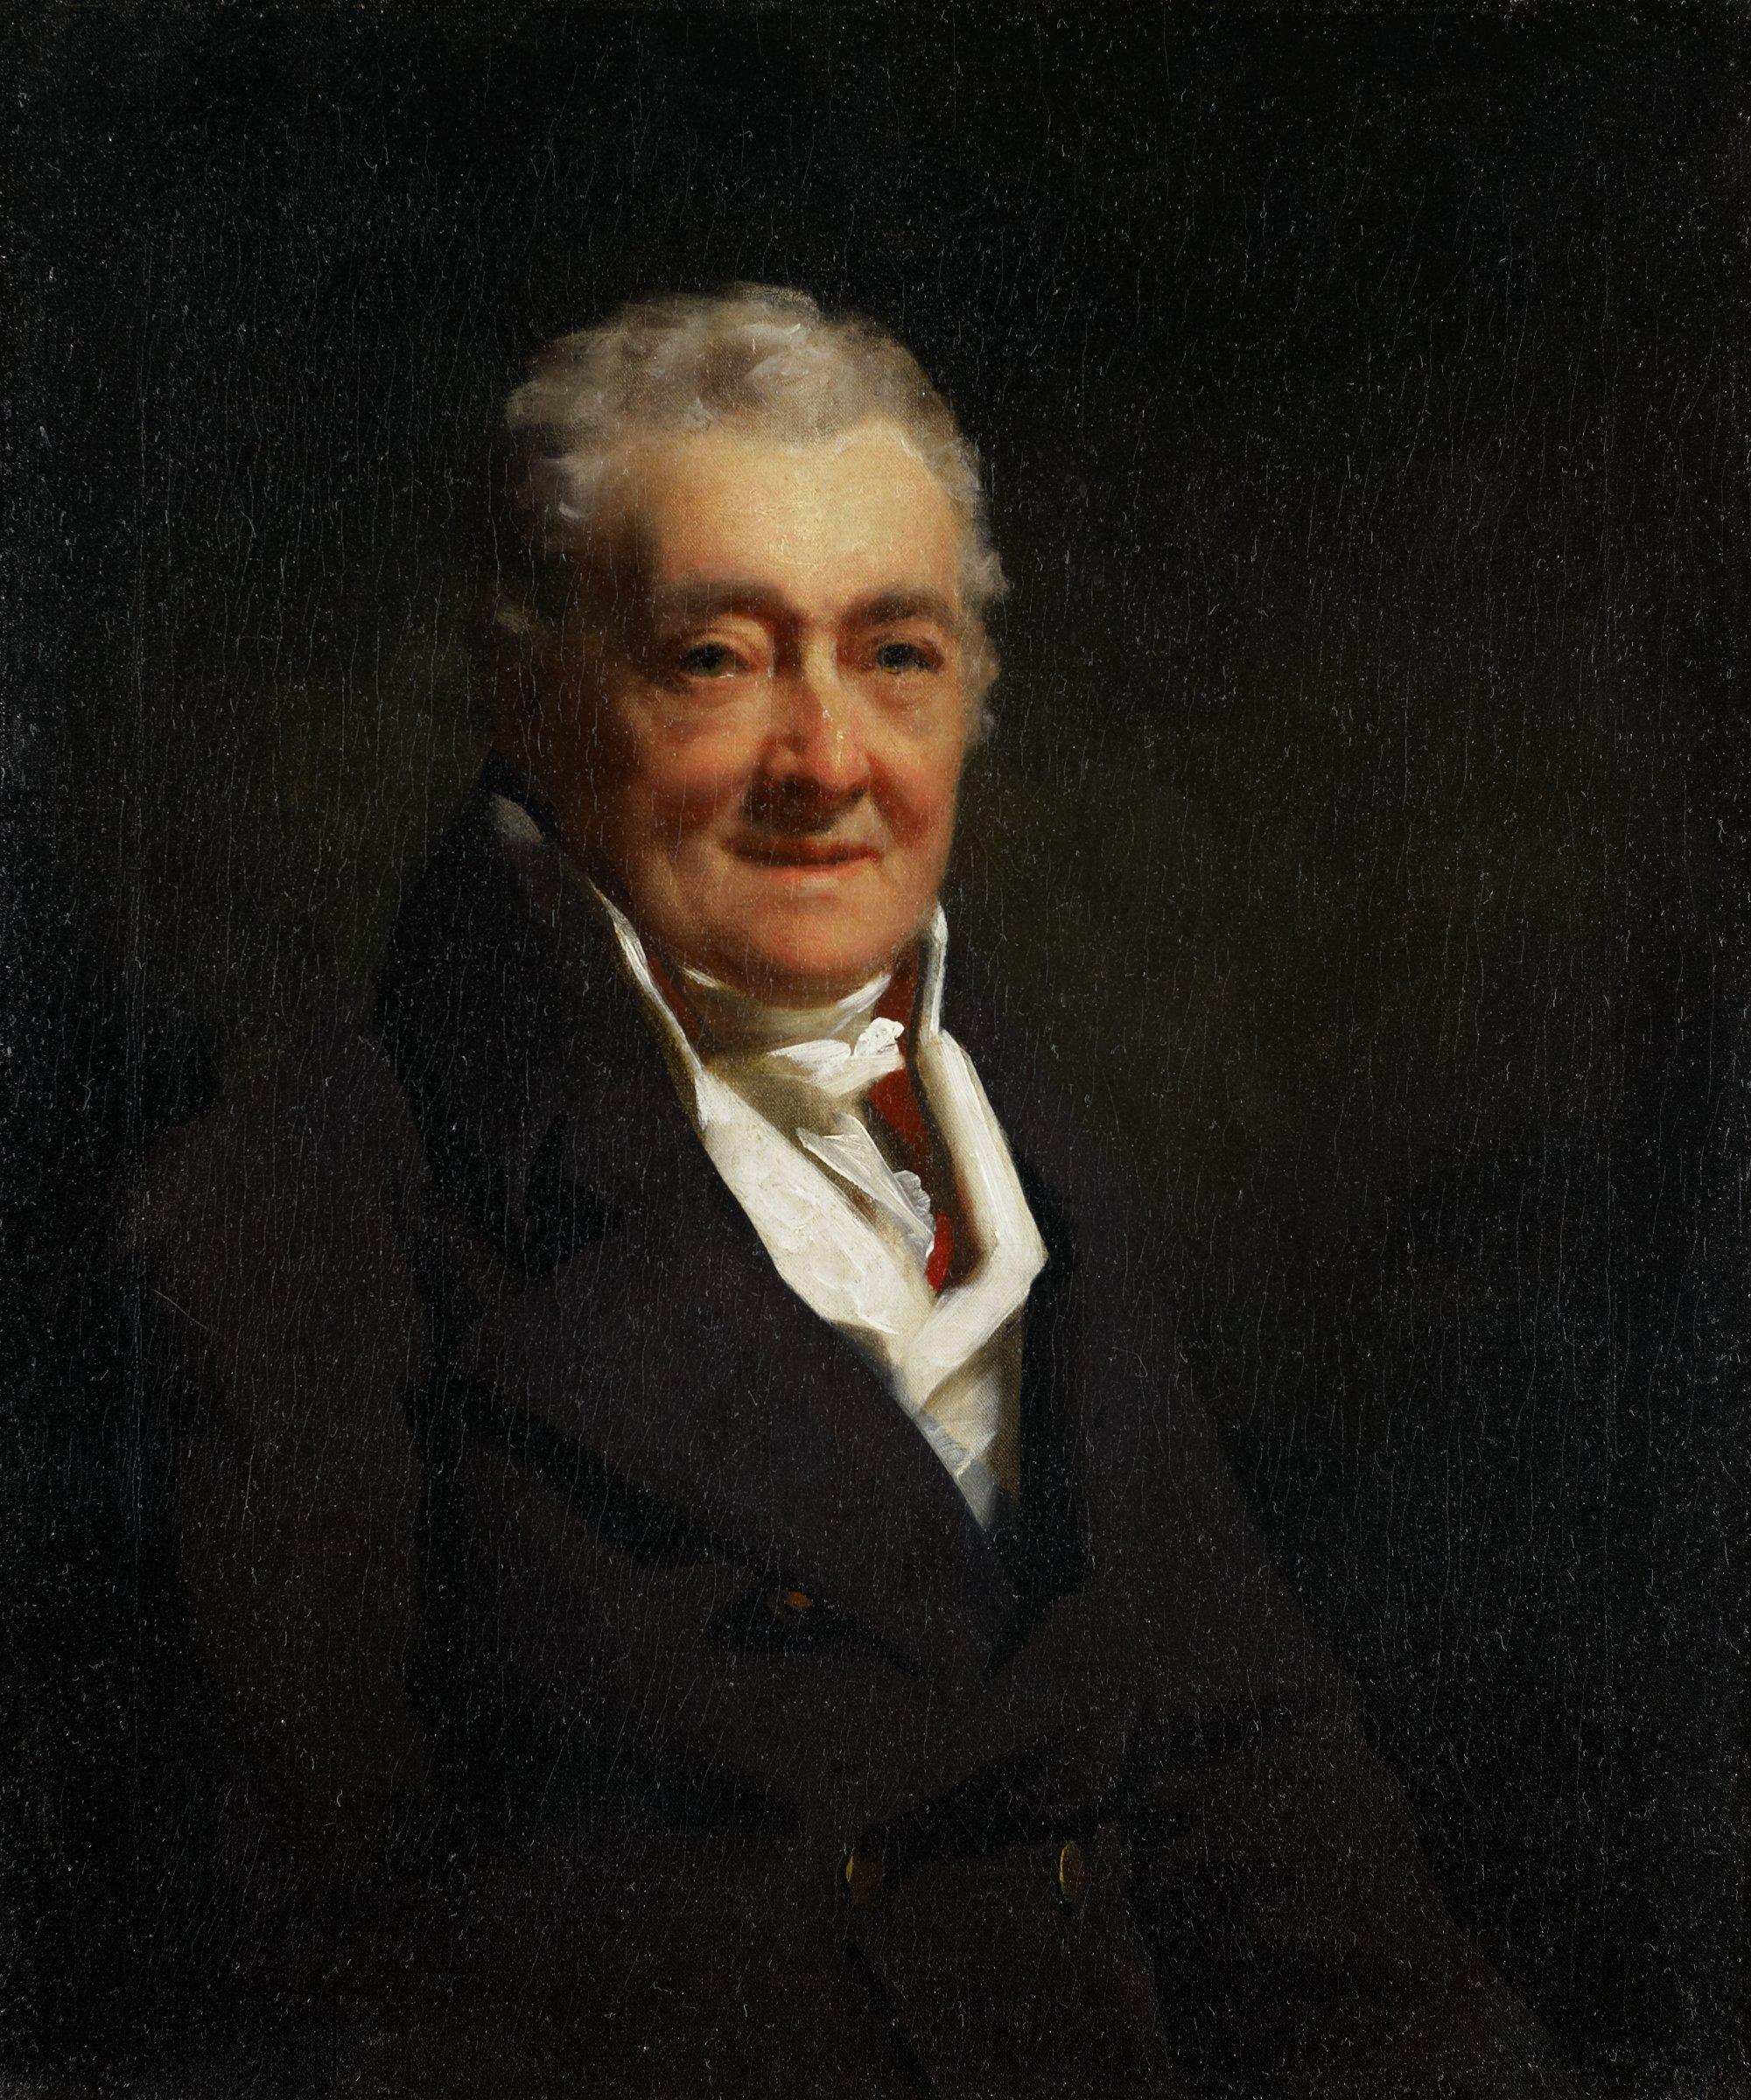 E. Finlay, Esquire, Sir Henry Raeburn, oil on canvas